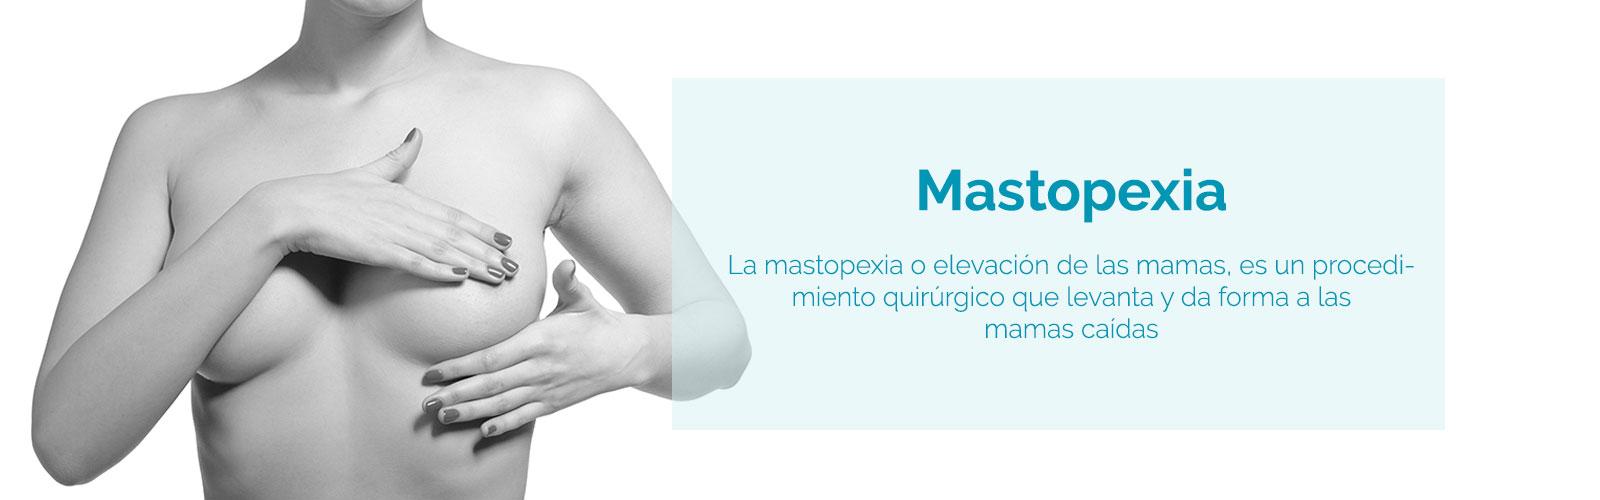 mastopexia y elevación de pechos